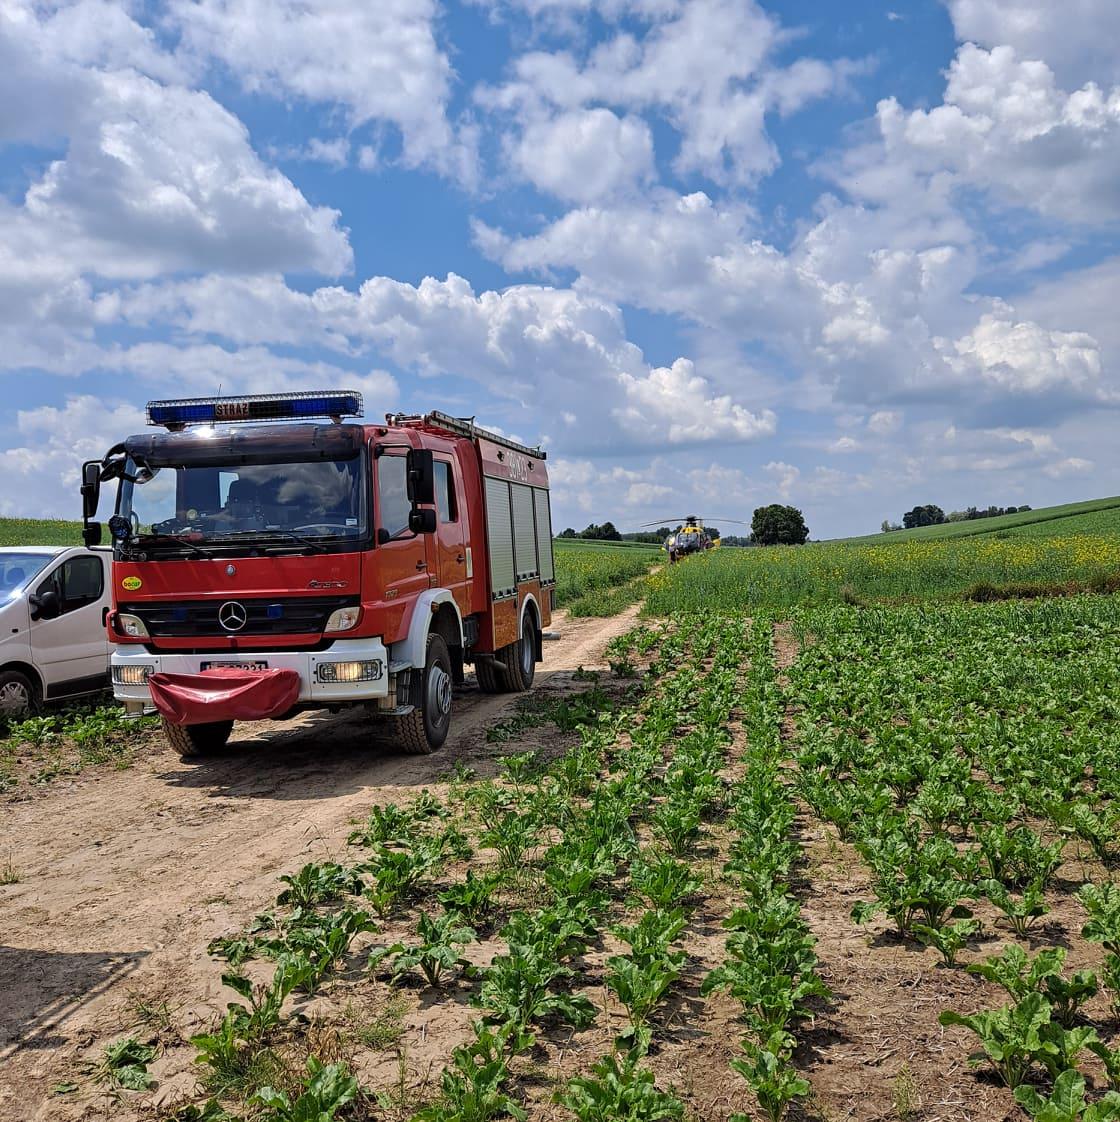 201379441 780799059251447 865051178136160384 n Ciągnik rolniczy przejechał mężczyznę (zdjęcia)